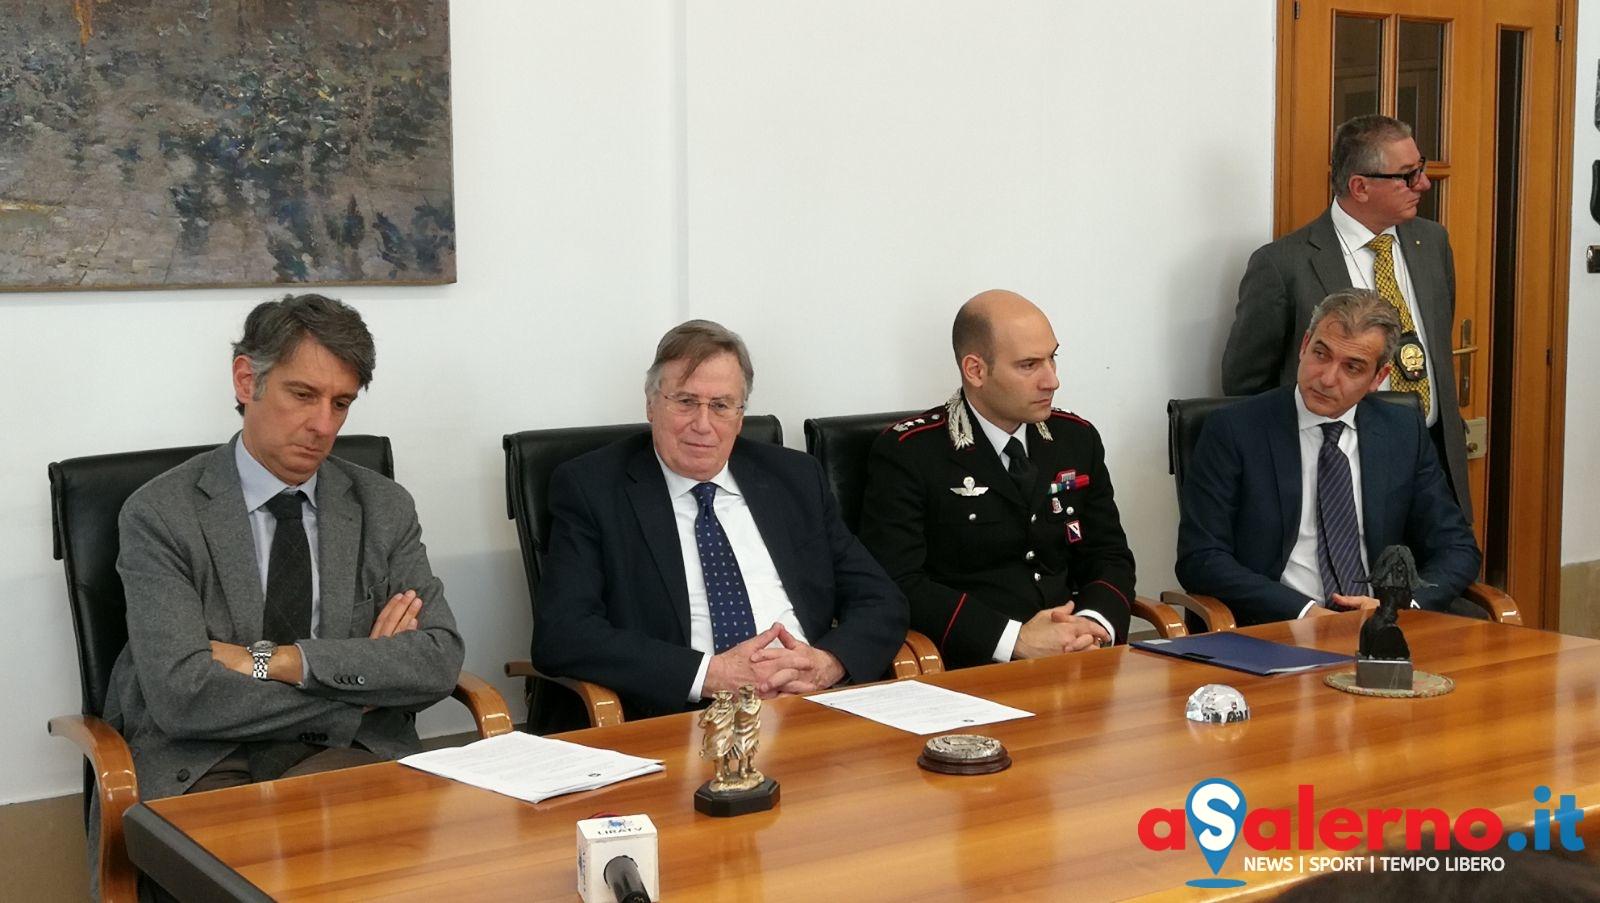 Gli affari nell\'usura: 5 arresti, mandato di cattura europeo per ...